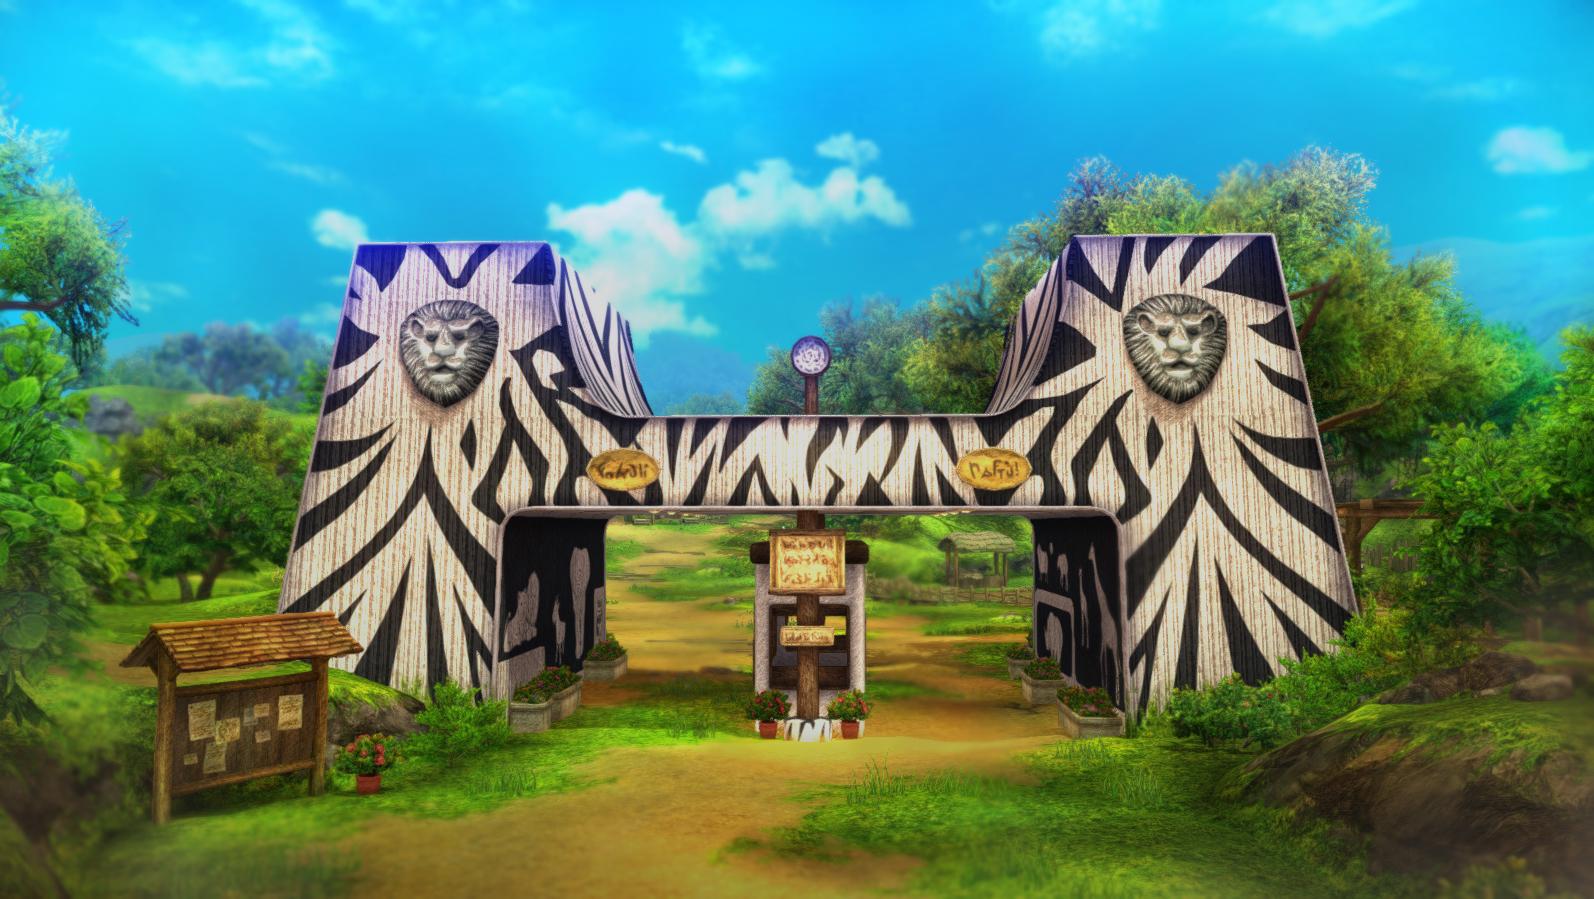 ゲーム内群馬サファリパーク